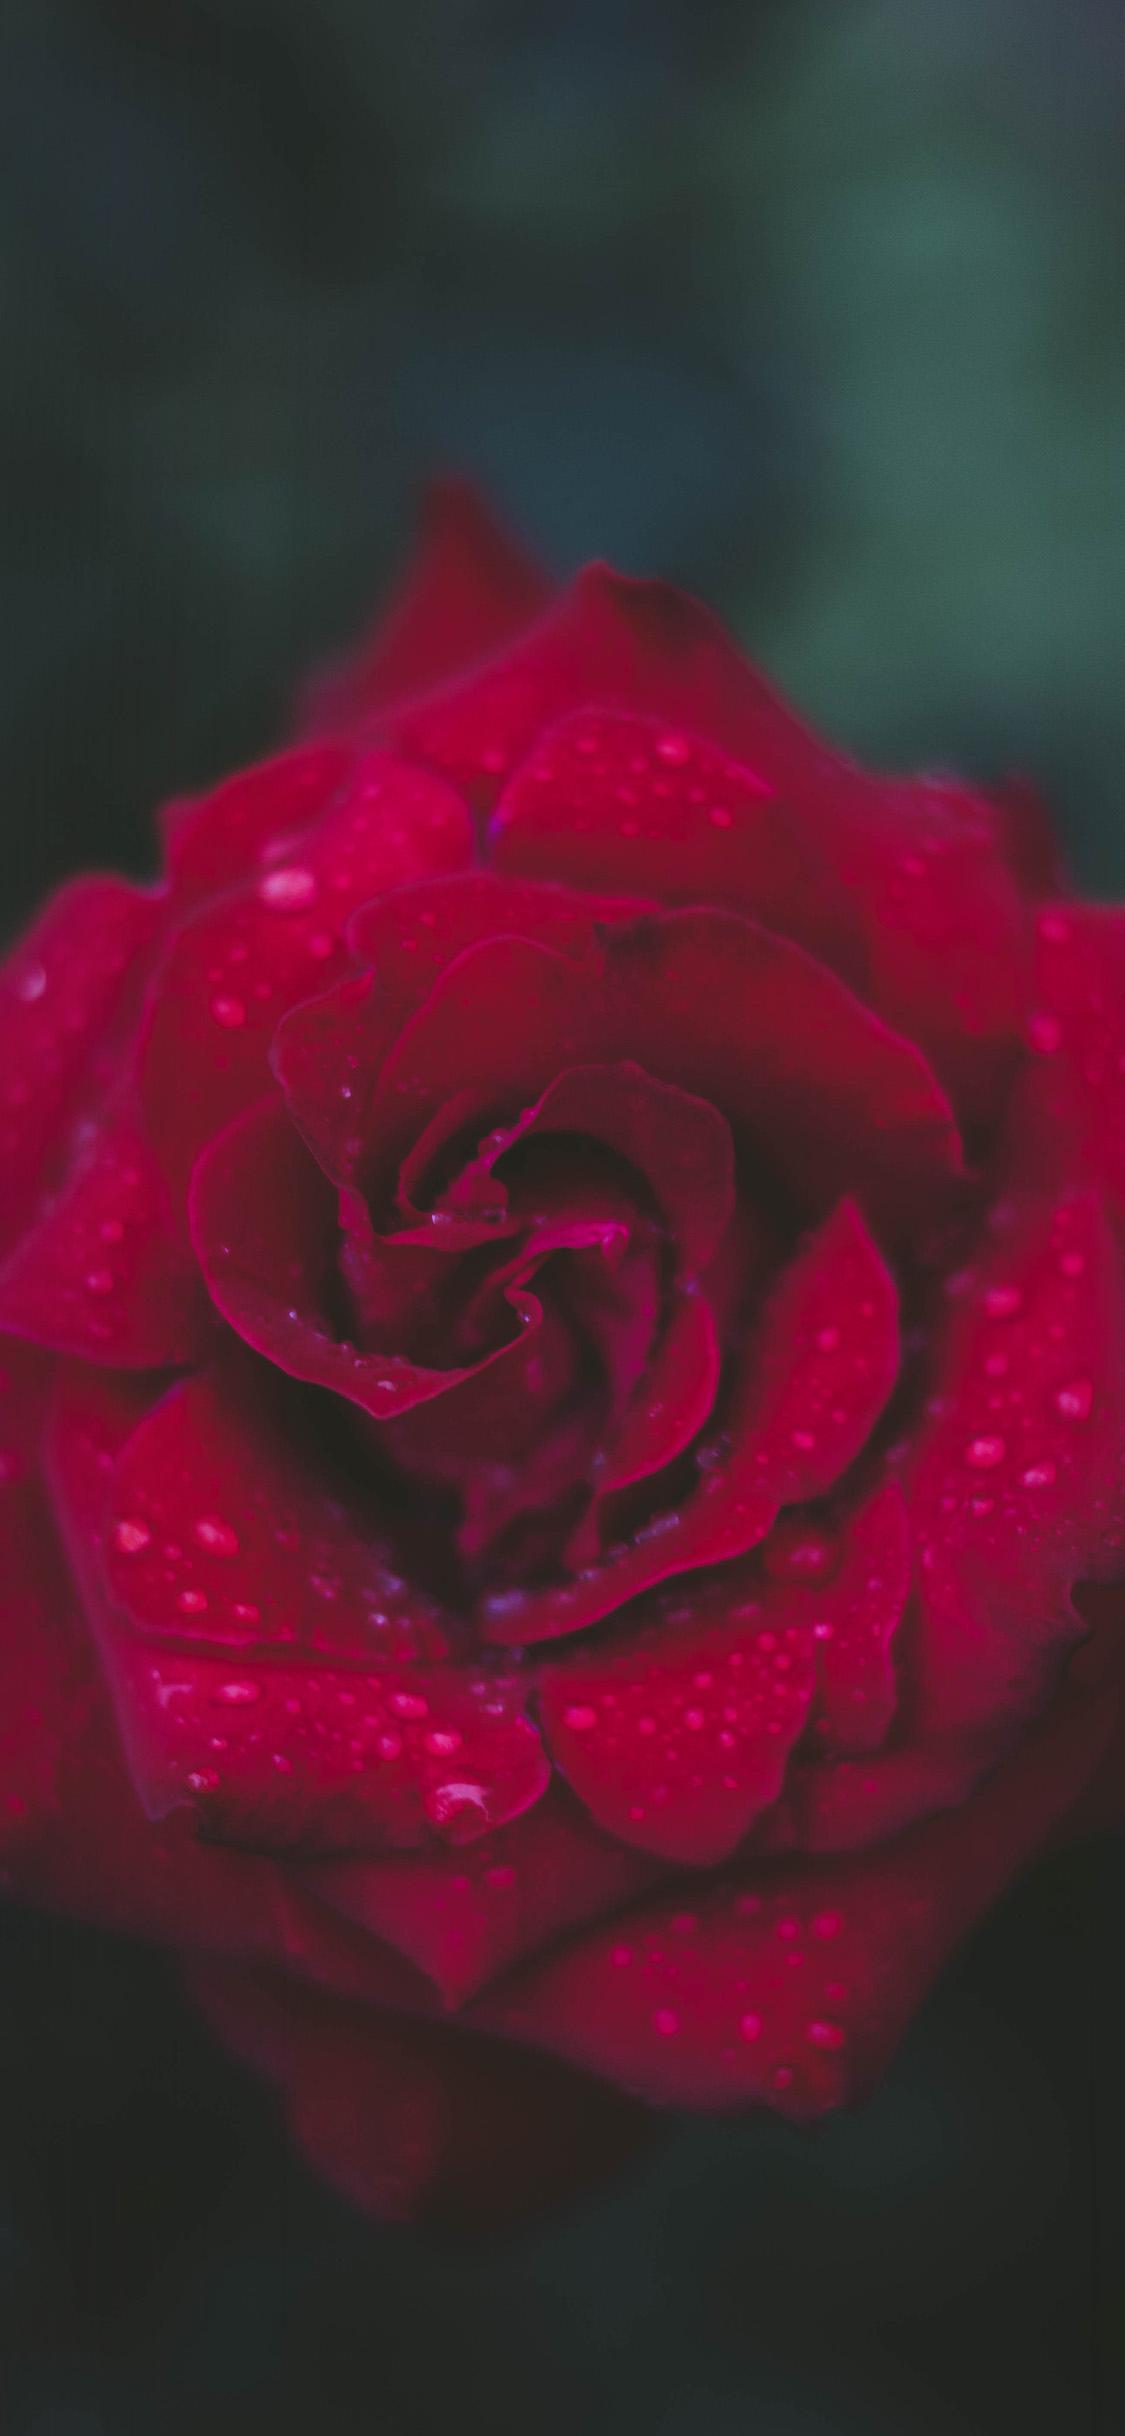 Roses Wallpaper Iphone 7 Plus - HD Wallpaper